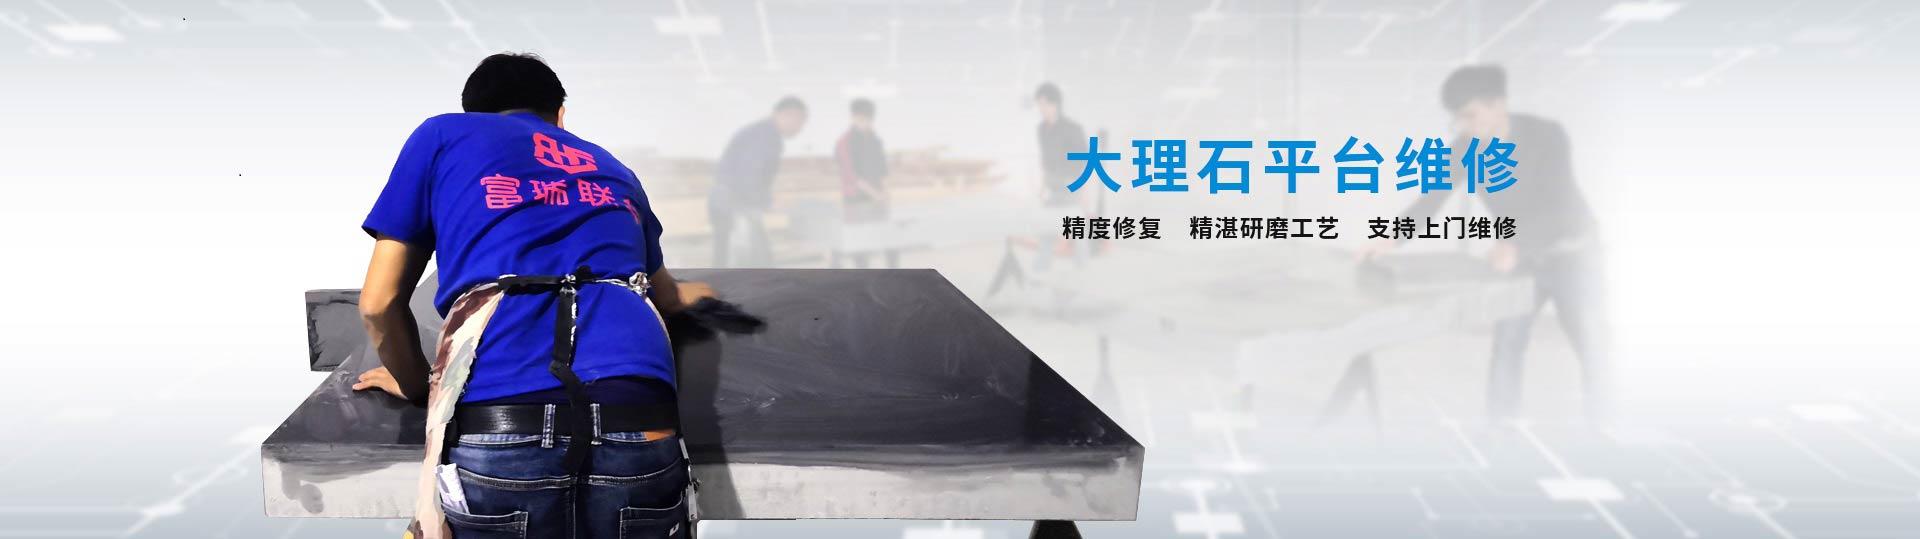 苏州大理石平台维修